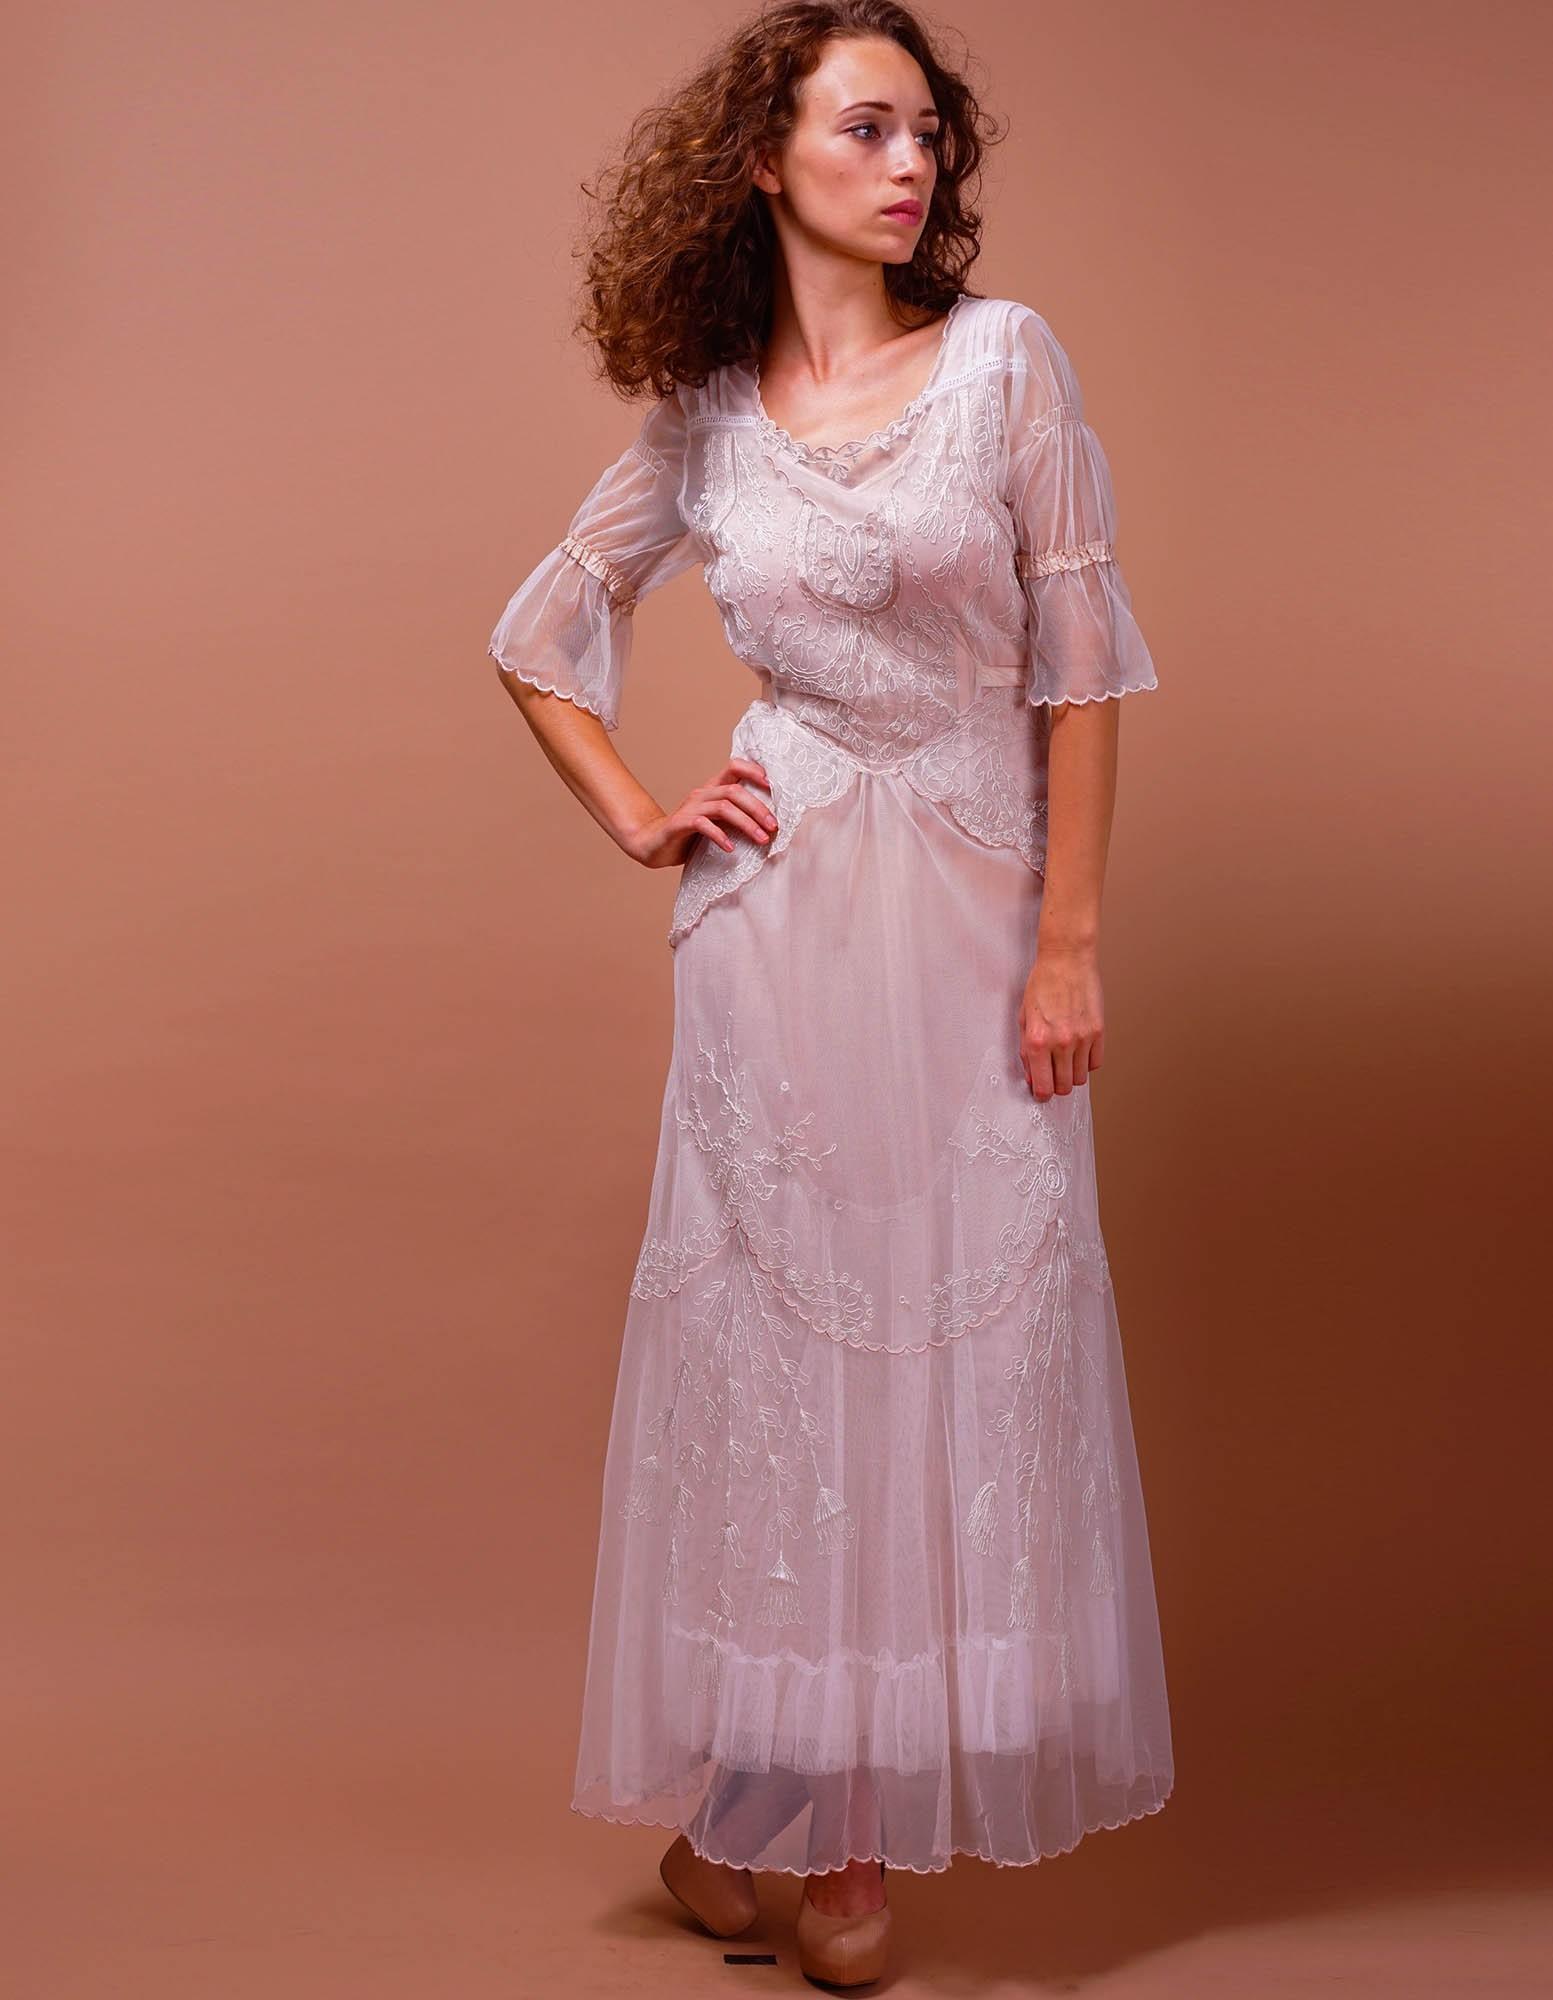 Joyous Ivoryblush By Nataya Vintage Inspired Dresses Cheap Kids Vintage Inspired Dresses Edwardian Vintage Inspired Wedding Dress wedding dress Vintage Inspired Dresses